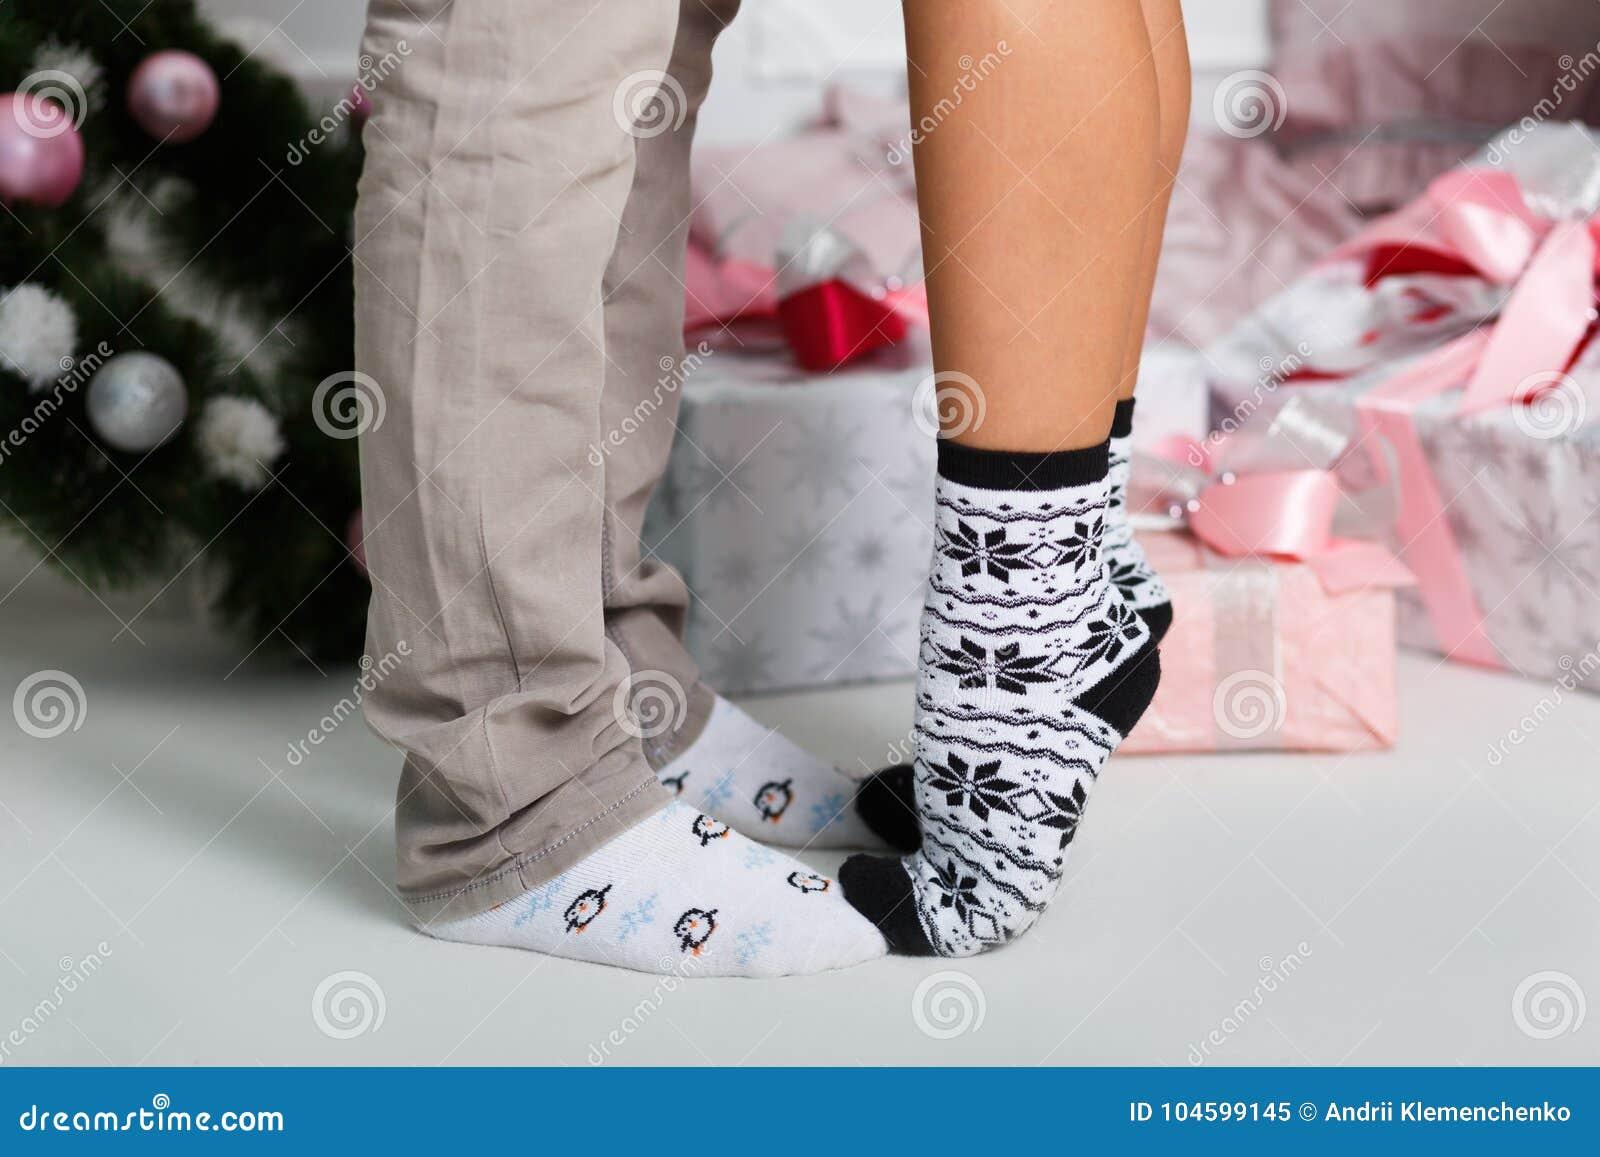 Женские ножки в носках видео 13